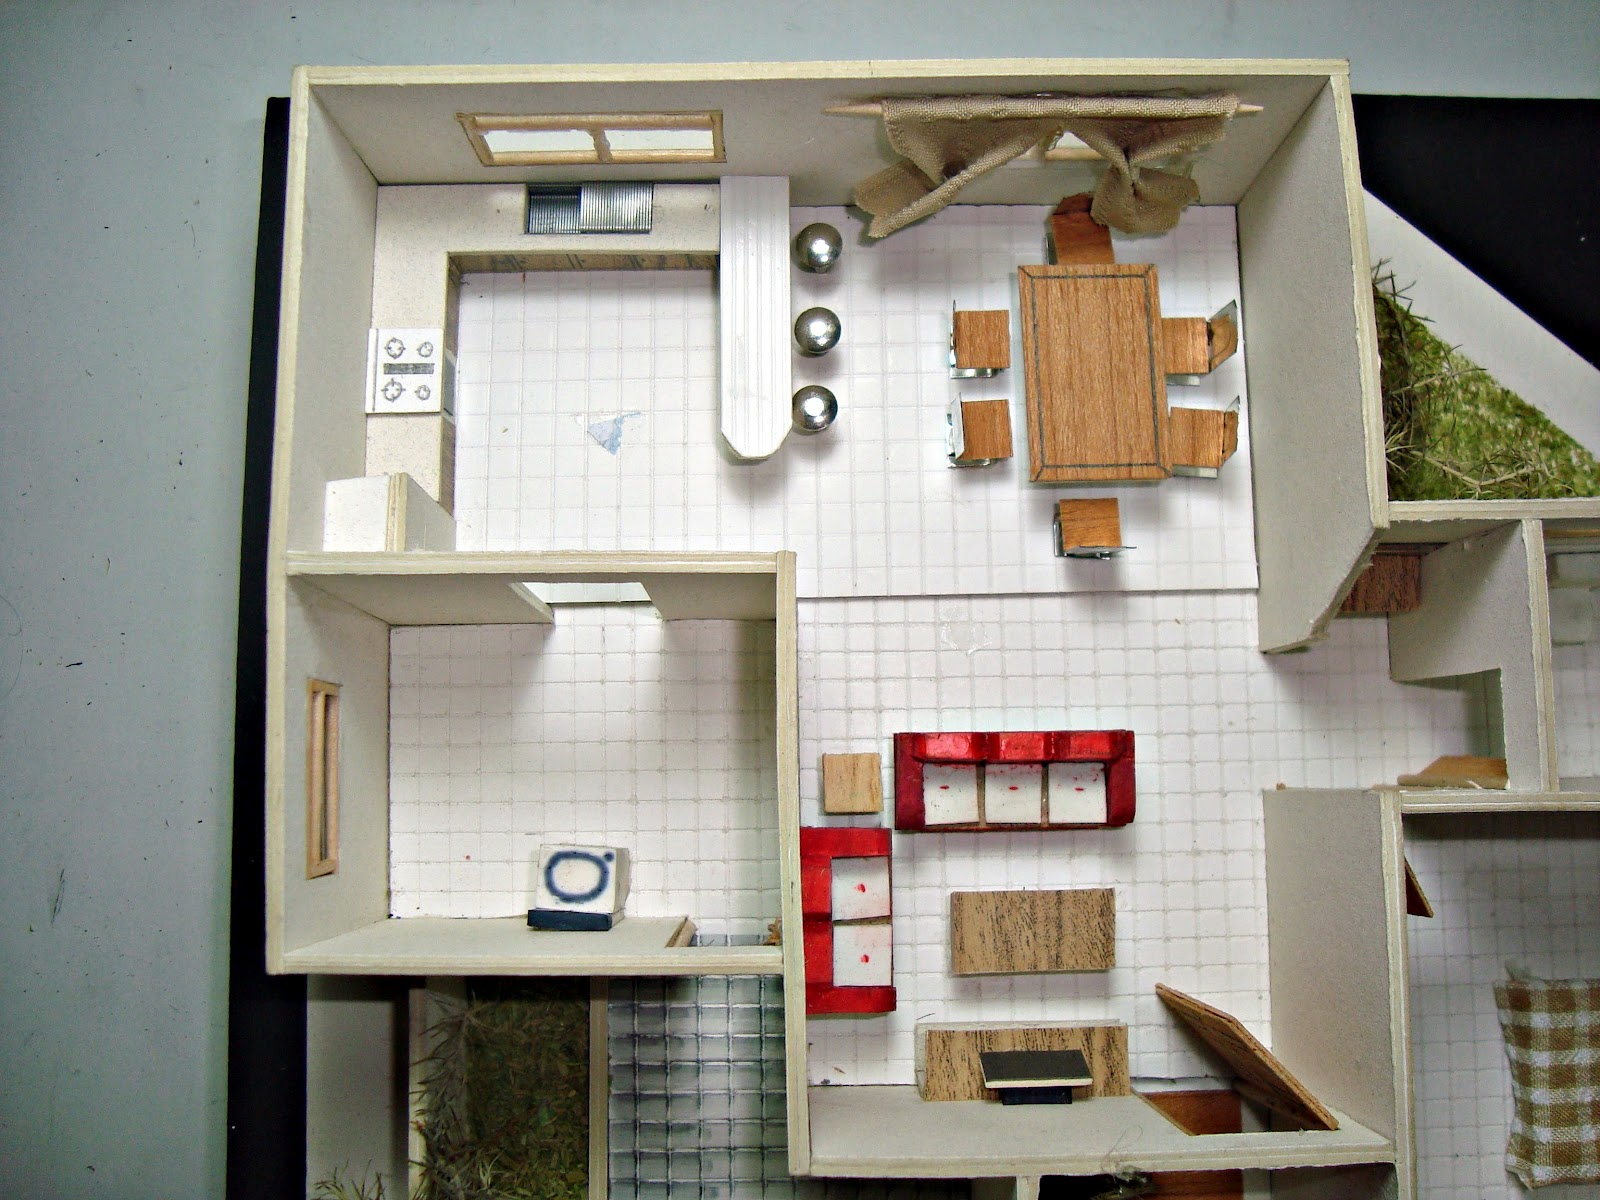 Portafolio dise o arquitect nico modelos arquitectonicos 1 for Planos de cocina y lavanderia